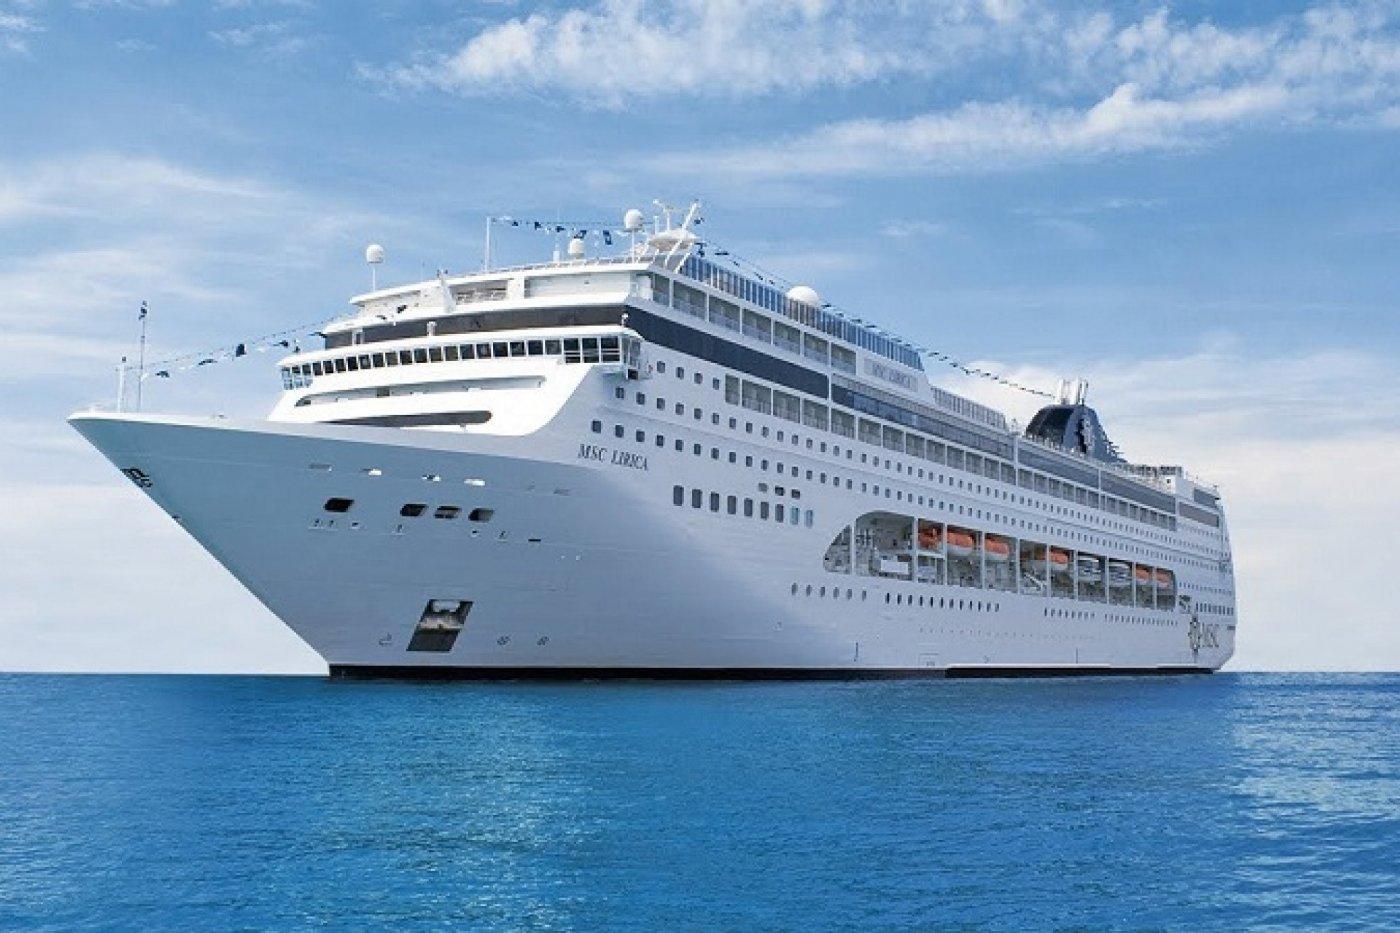 Msc Lirica ile Adriyatik Gemi Turu  cruise gemi turları